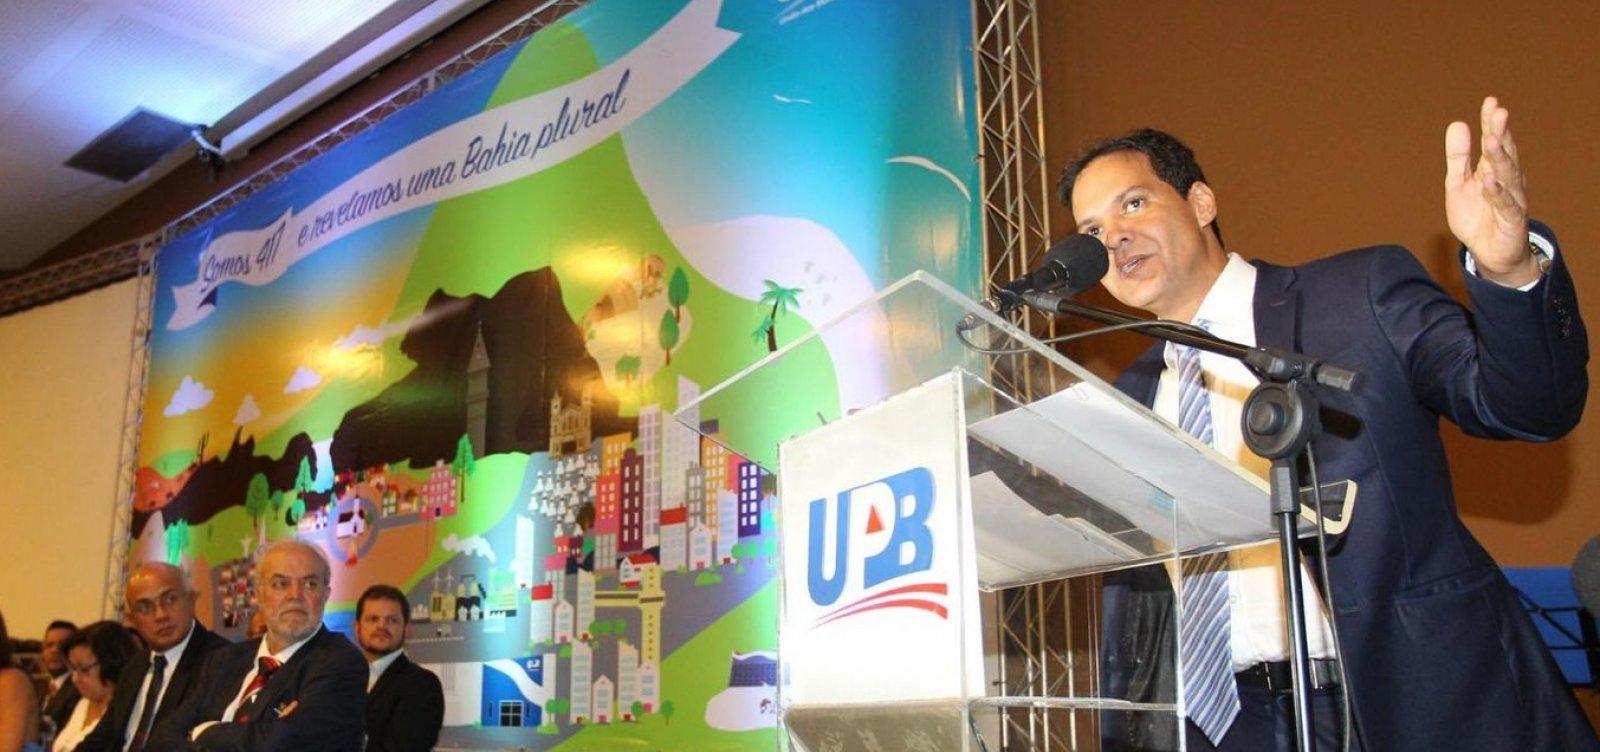 [Eures diz que decide na próxima semana se será candidato à reeleição na UPB]